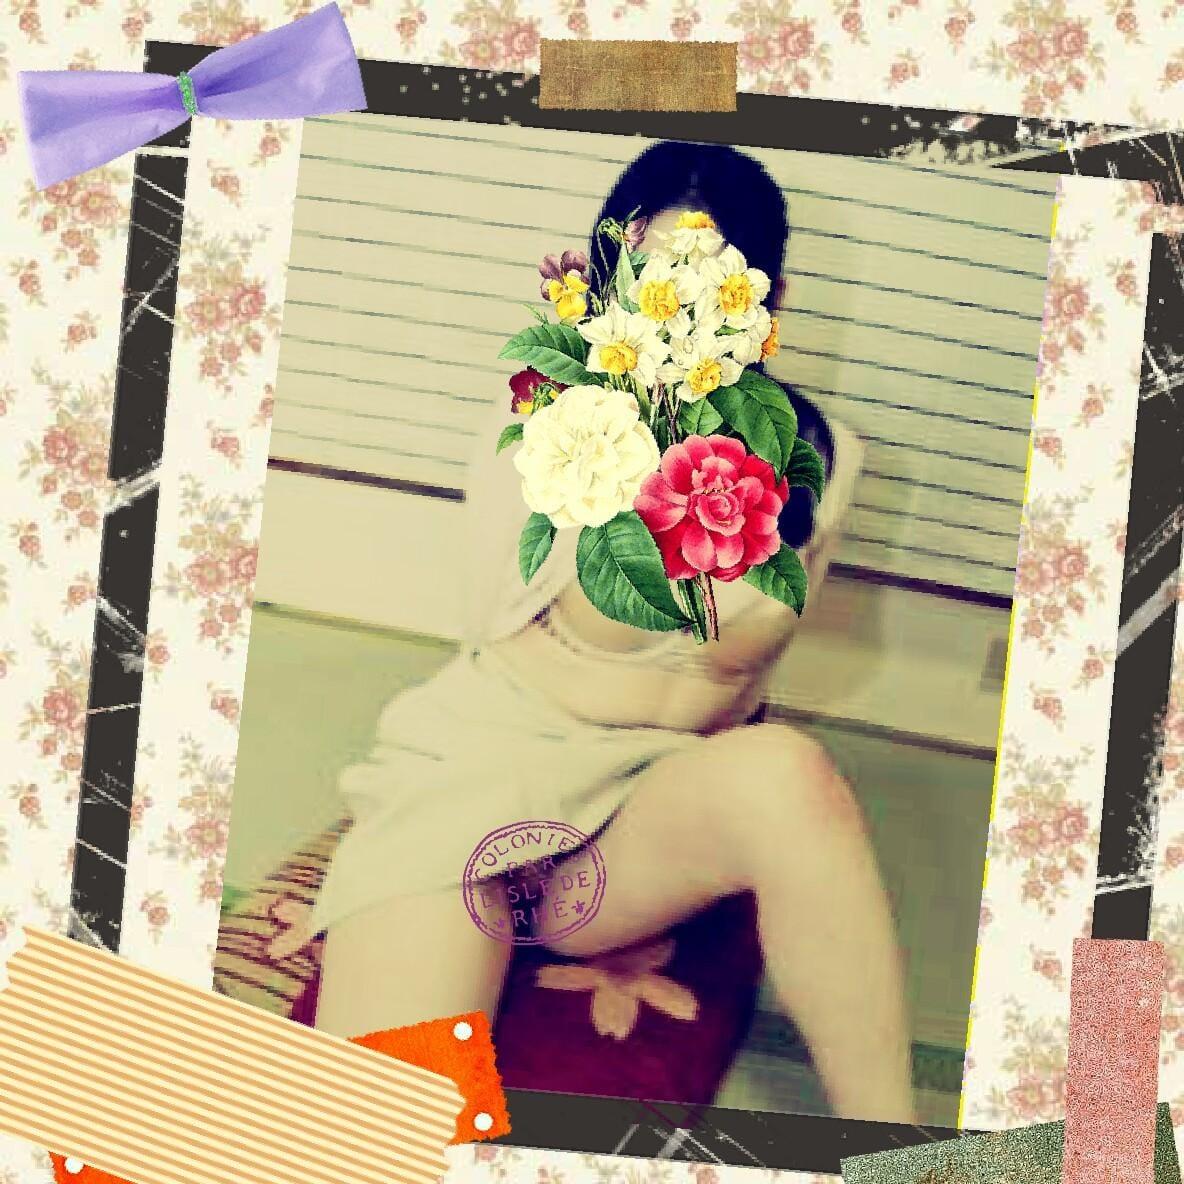 「おはようございます♪」08/08(水) 10:41 | 藤咲ねねの写メ・風俗動画